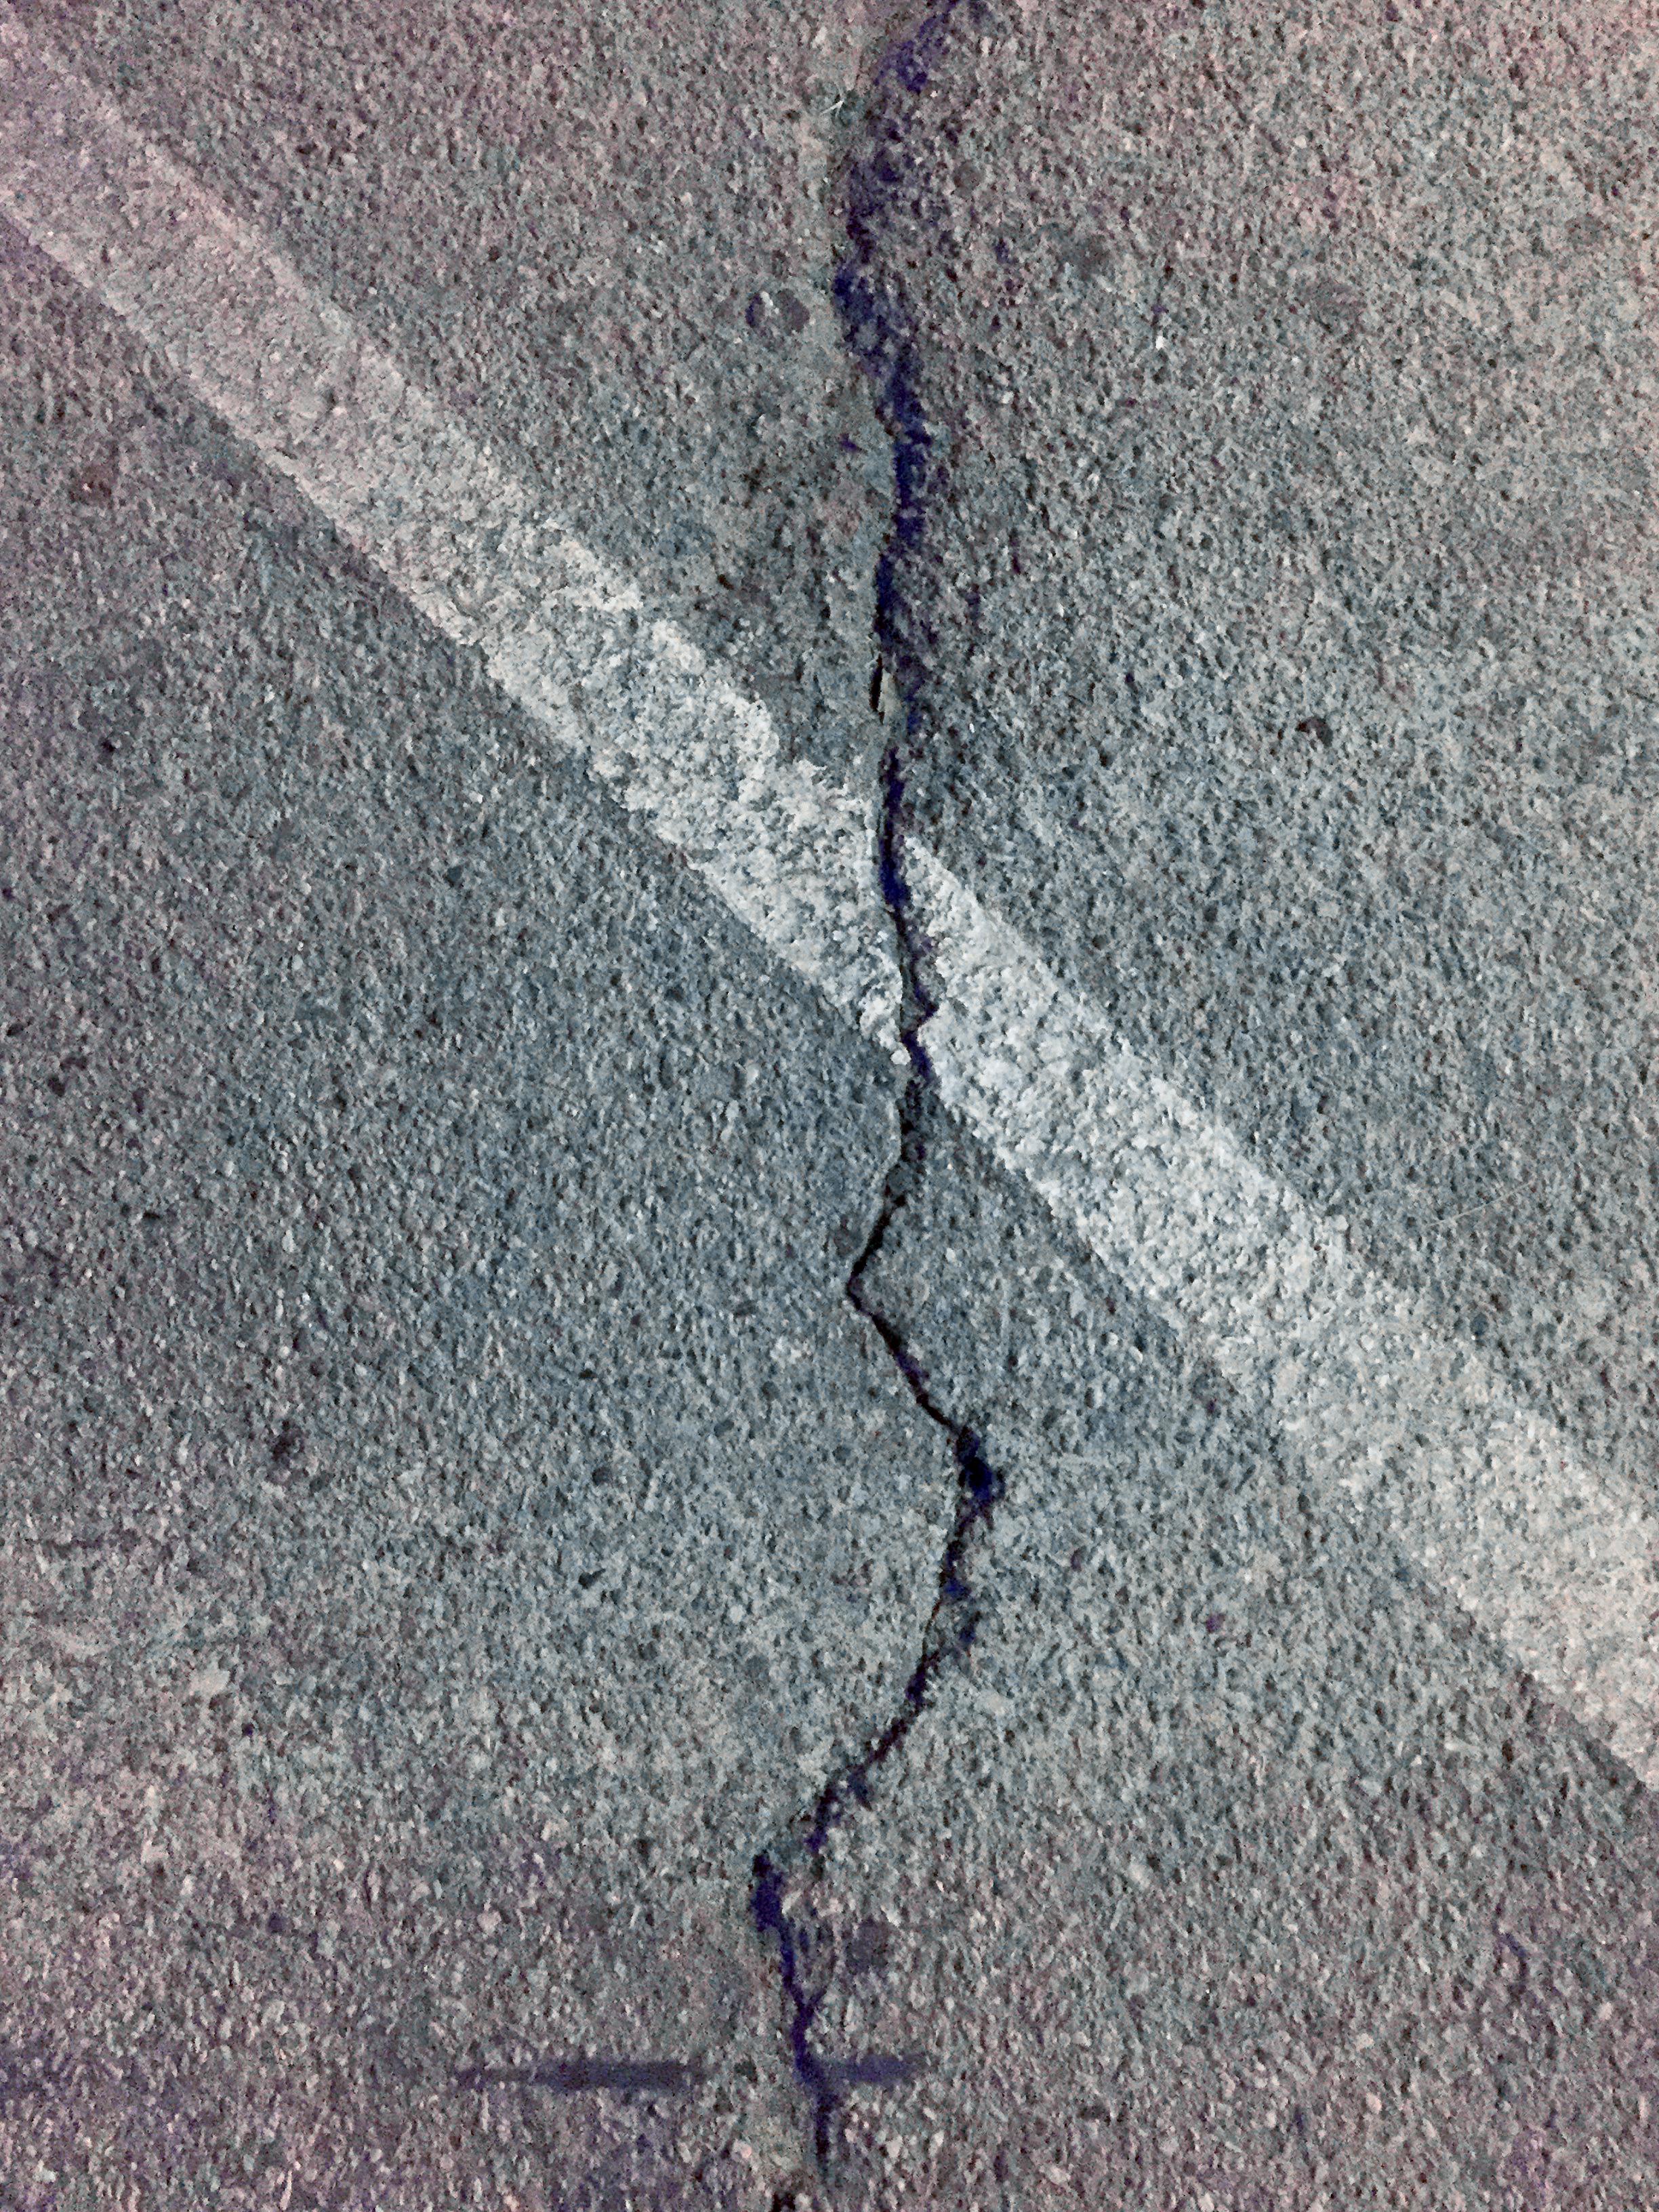 asphalt_crack.jpg